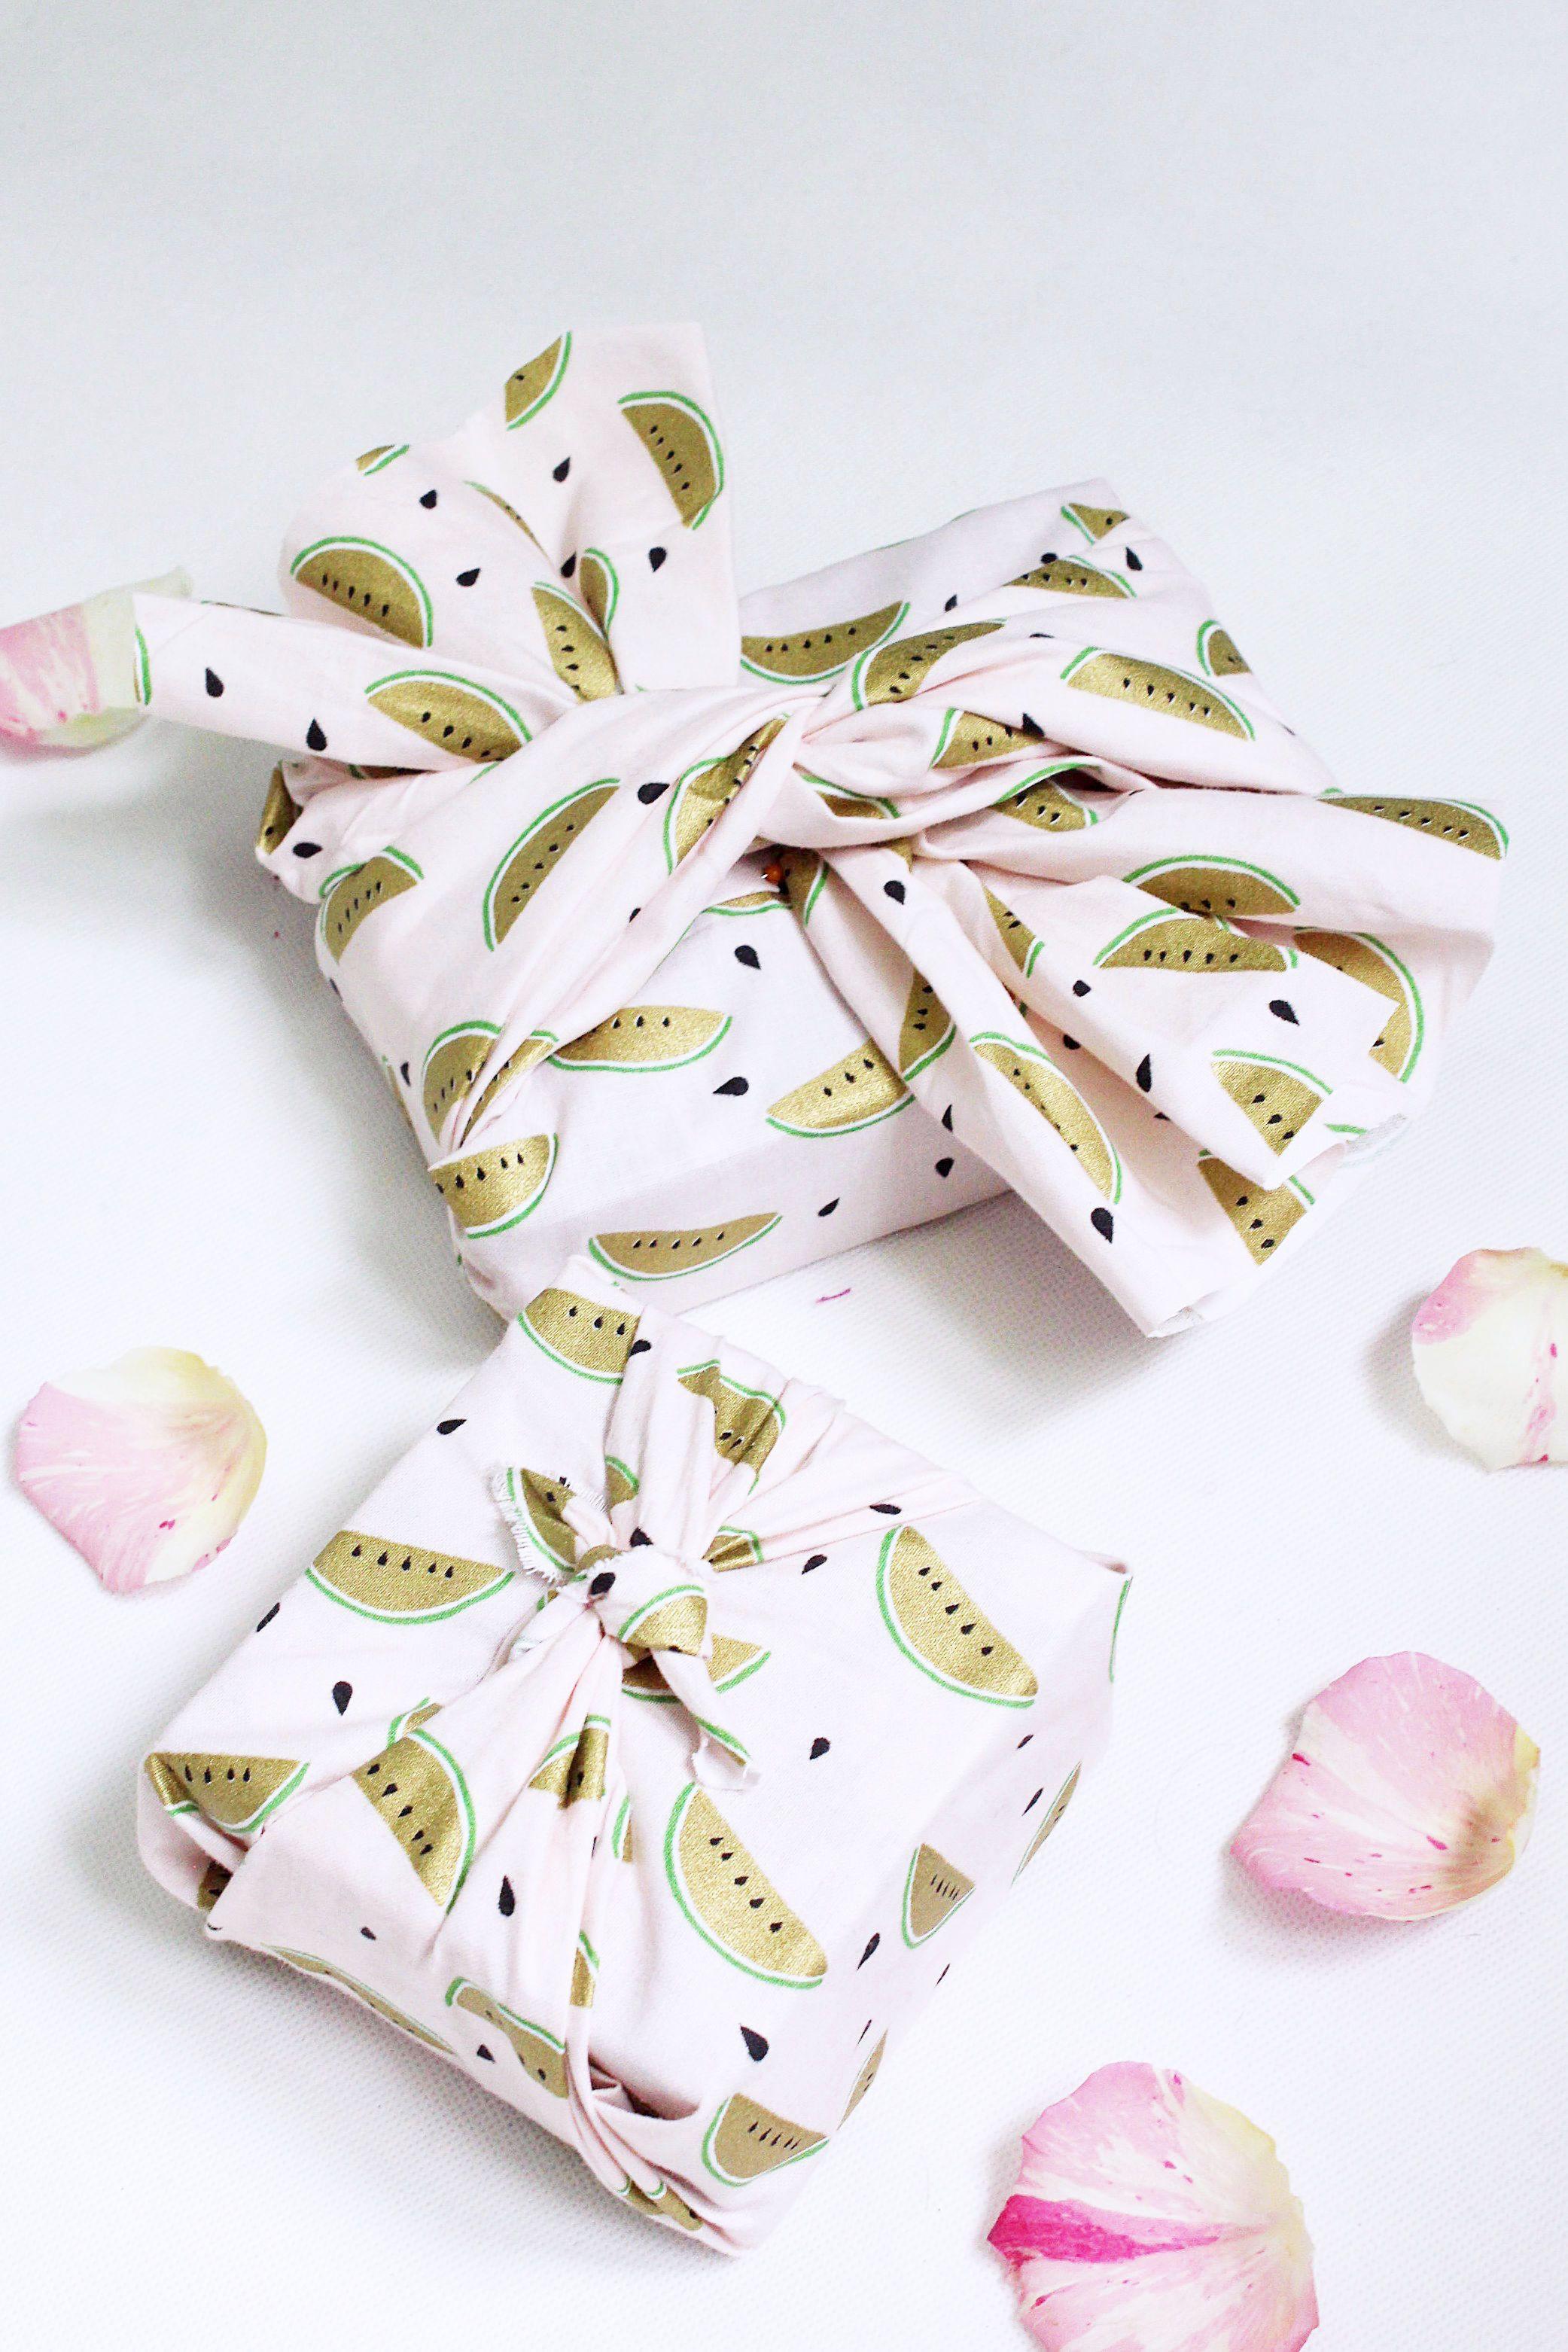 Japanische Geschenke  Geschenke Kreativ Verpacken im japanischen Stil